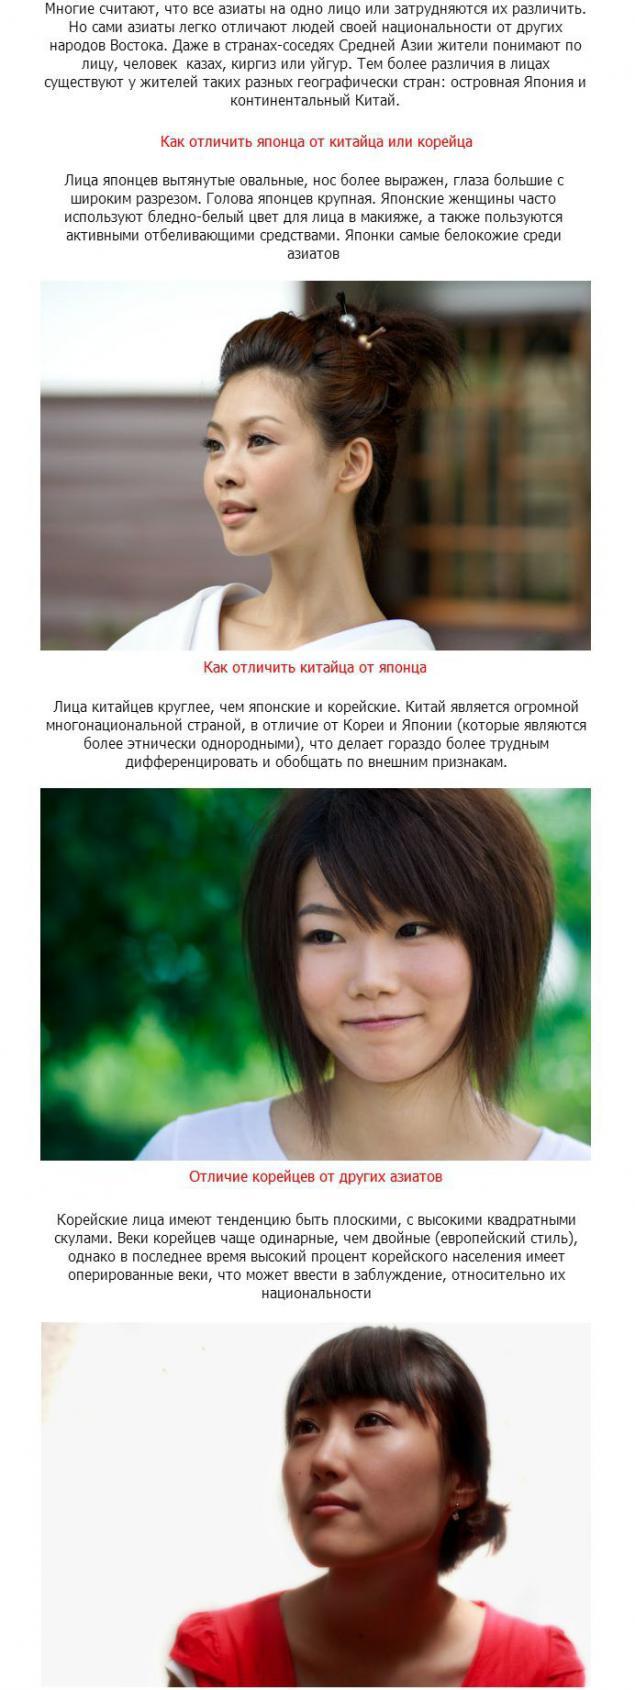 Los adolescentes japoneses 00 pueden